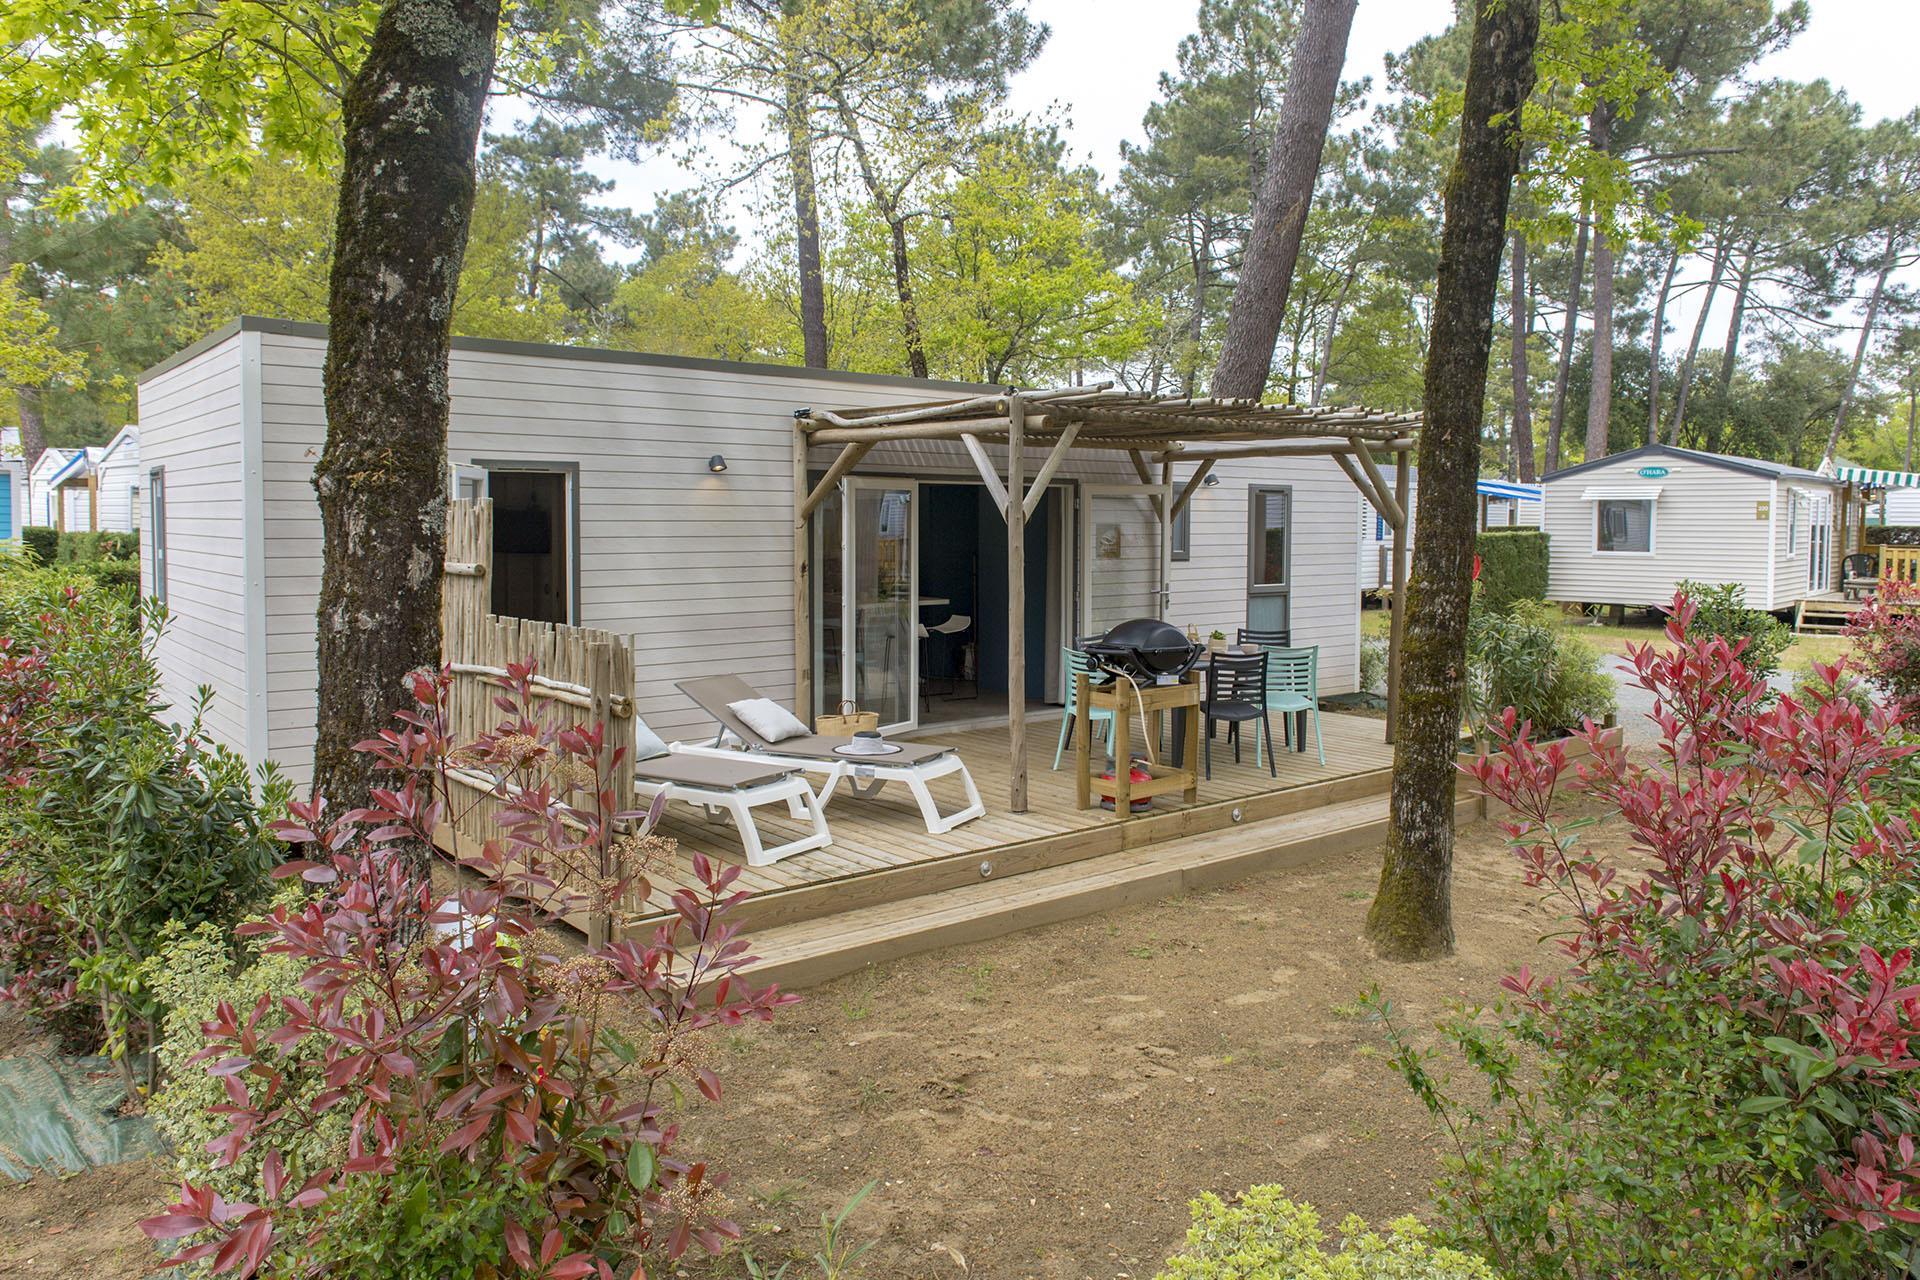 Location - Cottage Key West 3 Chambres Premium - Camping Sandaya L'Orée du Bois